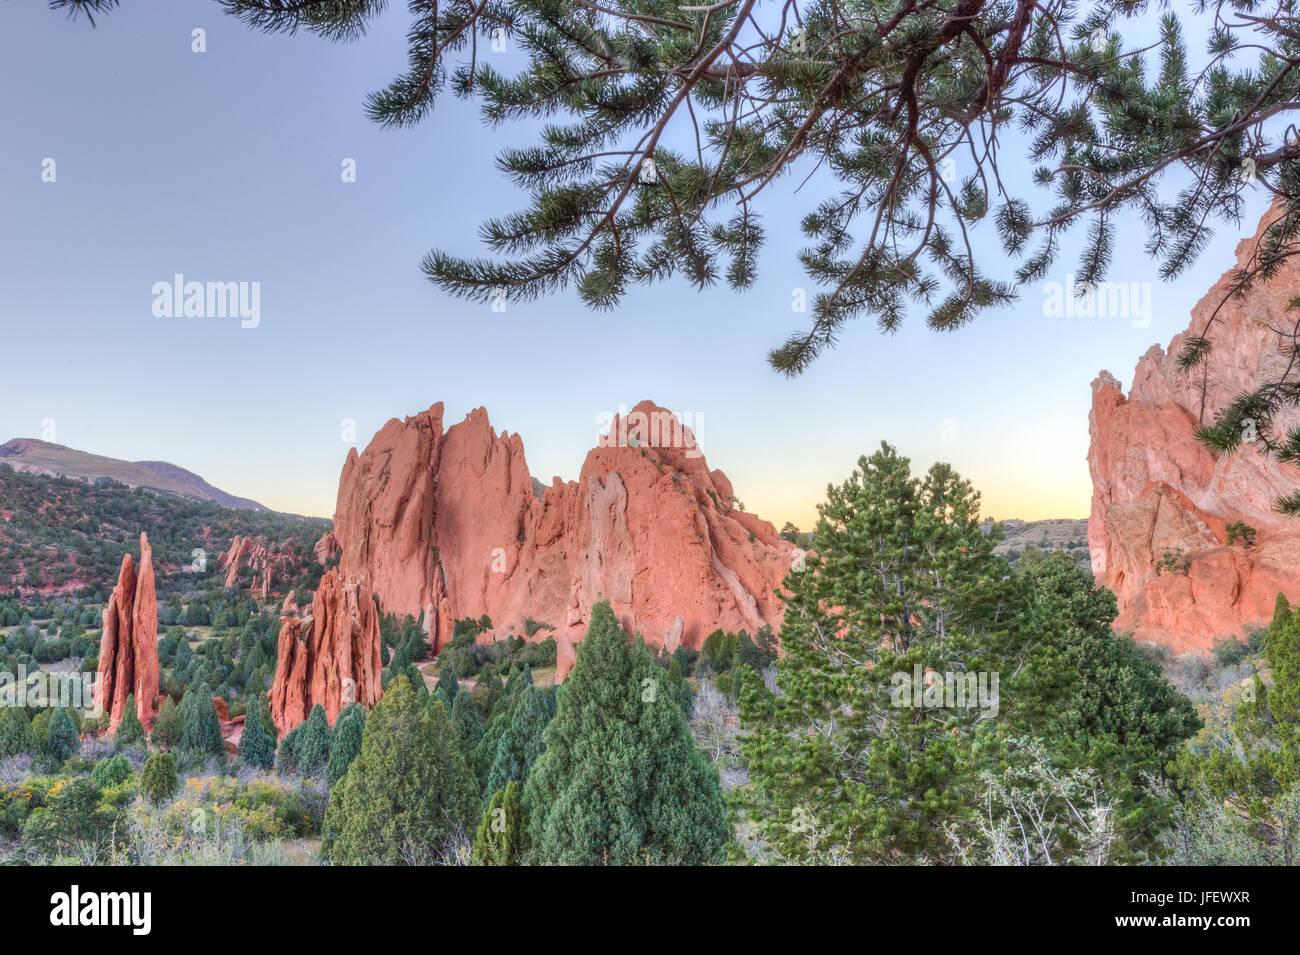 Garden of the Gods - Colorado Springs, CO - Stock Image